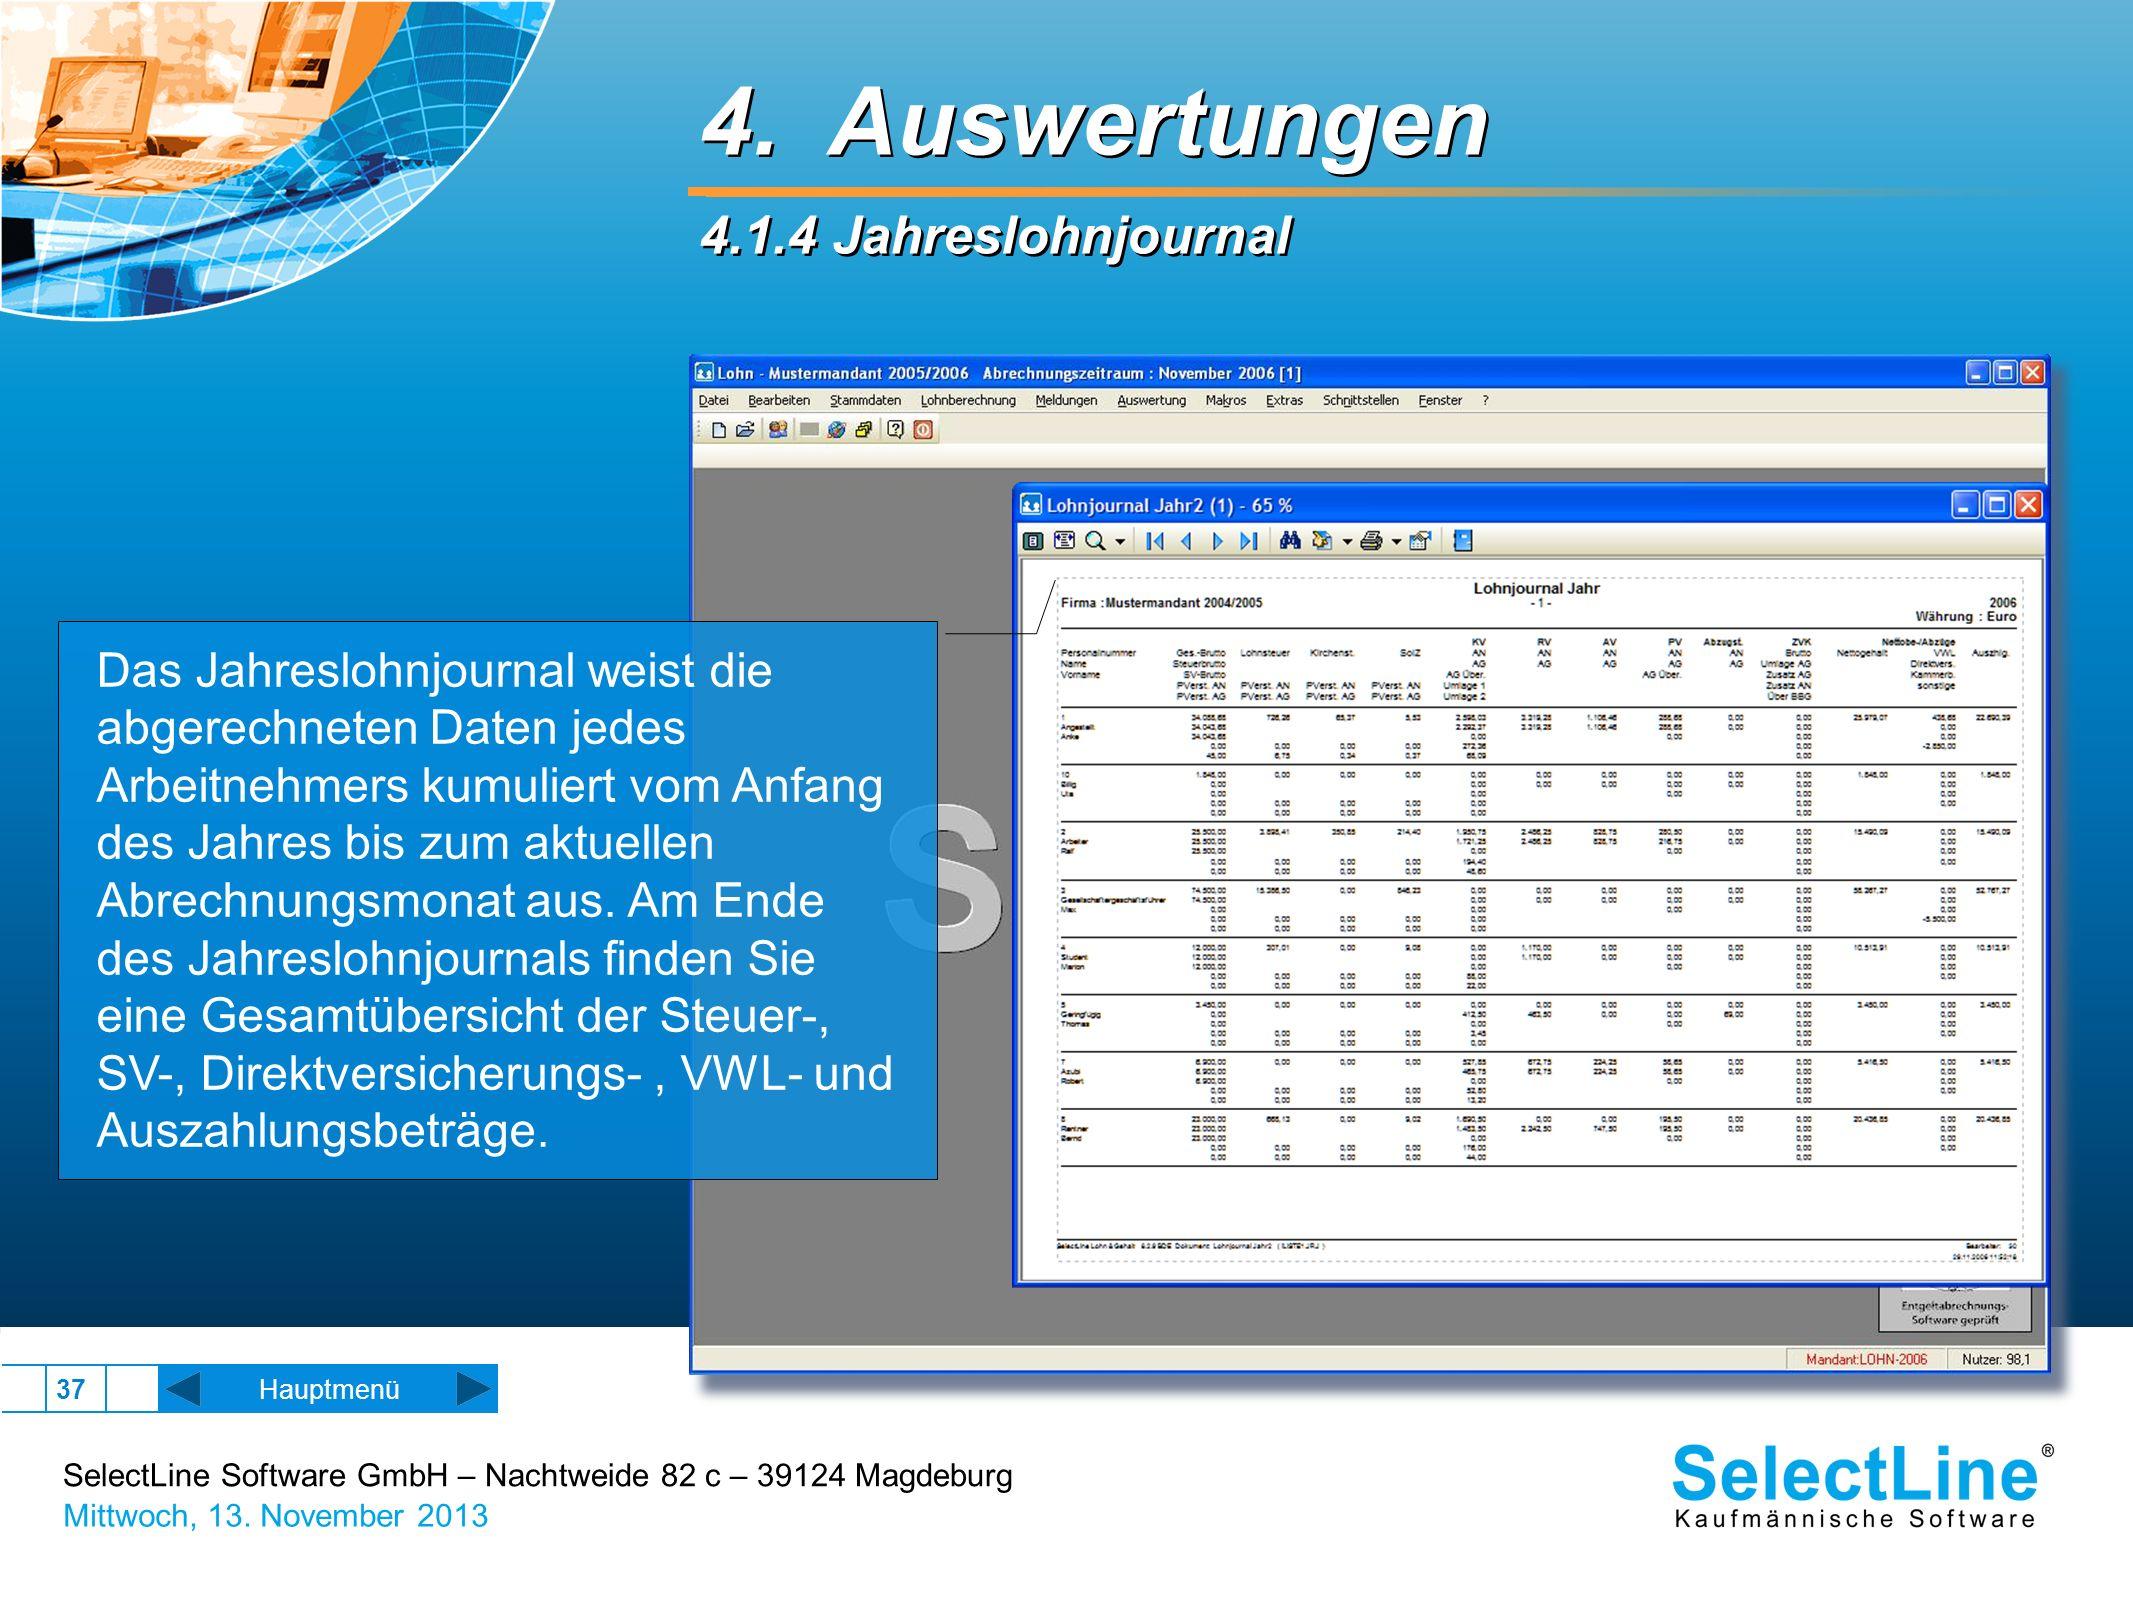 SelectLine Software GmbH – Nachtweide 82 c – 39124 Magdeburg Mittwoch, 13. November 2013 37 Hauptmenü 4. Auswertungen 4.1.4 Jahreslohnjournal 4. Auswe